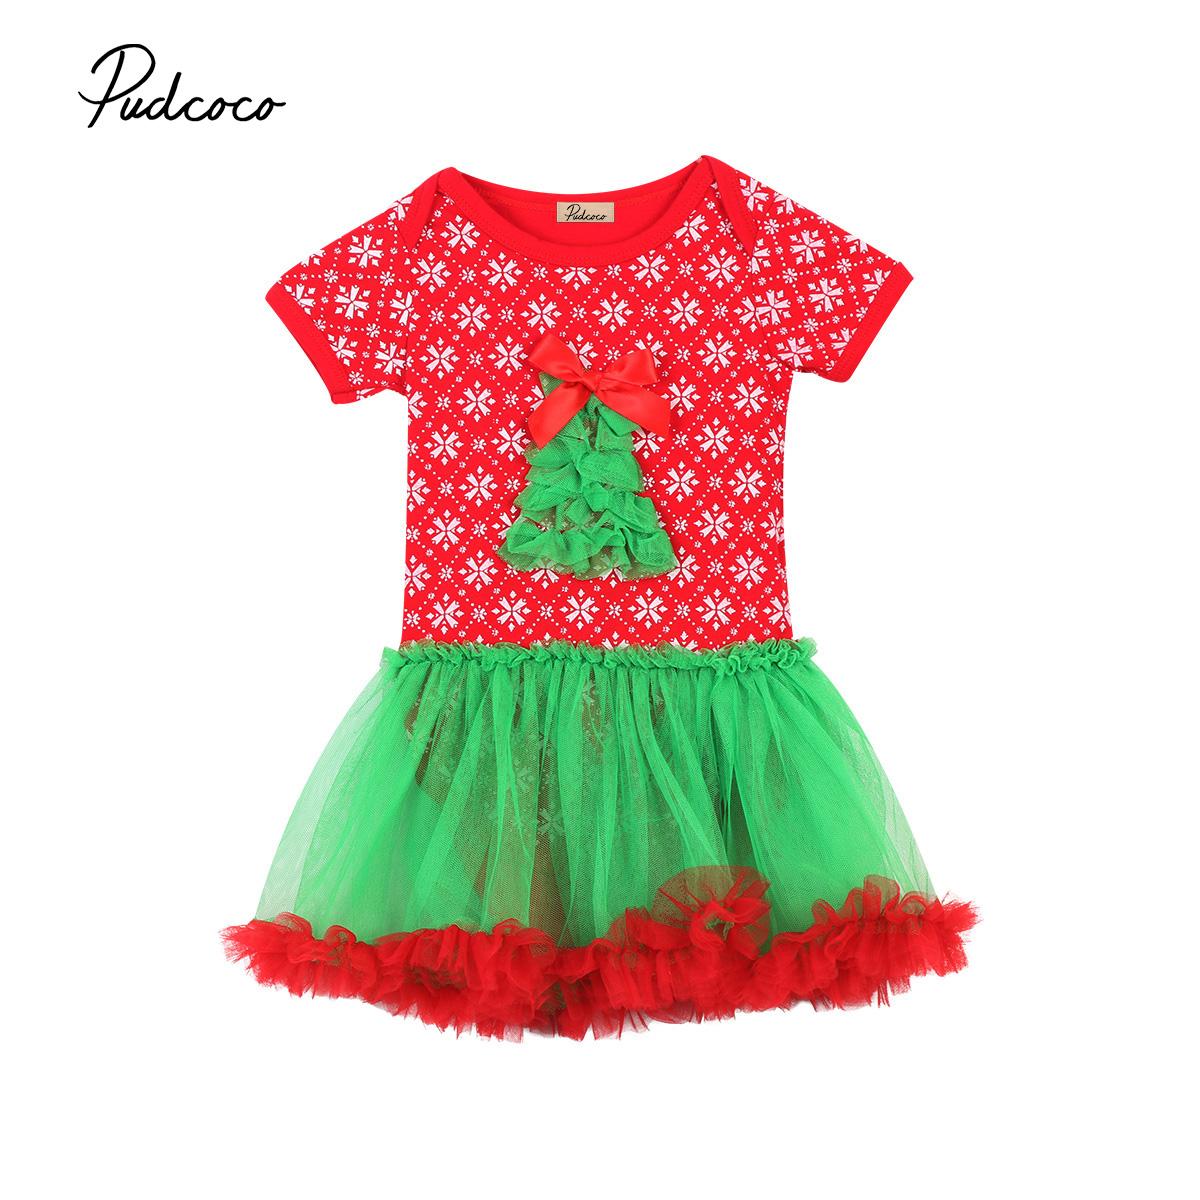 Bambini Natale Vestito Di Tulle Della Ragazza Del Bambino Chirstmas Vestito Di Un Pezzo Della Tuta Playsuit Outfit 0-24 M Vestiti Completa In Specifiche